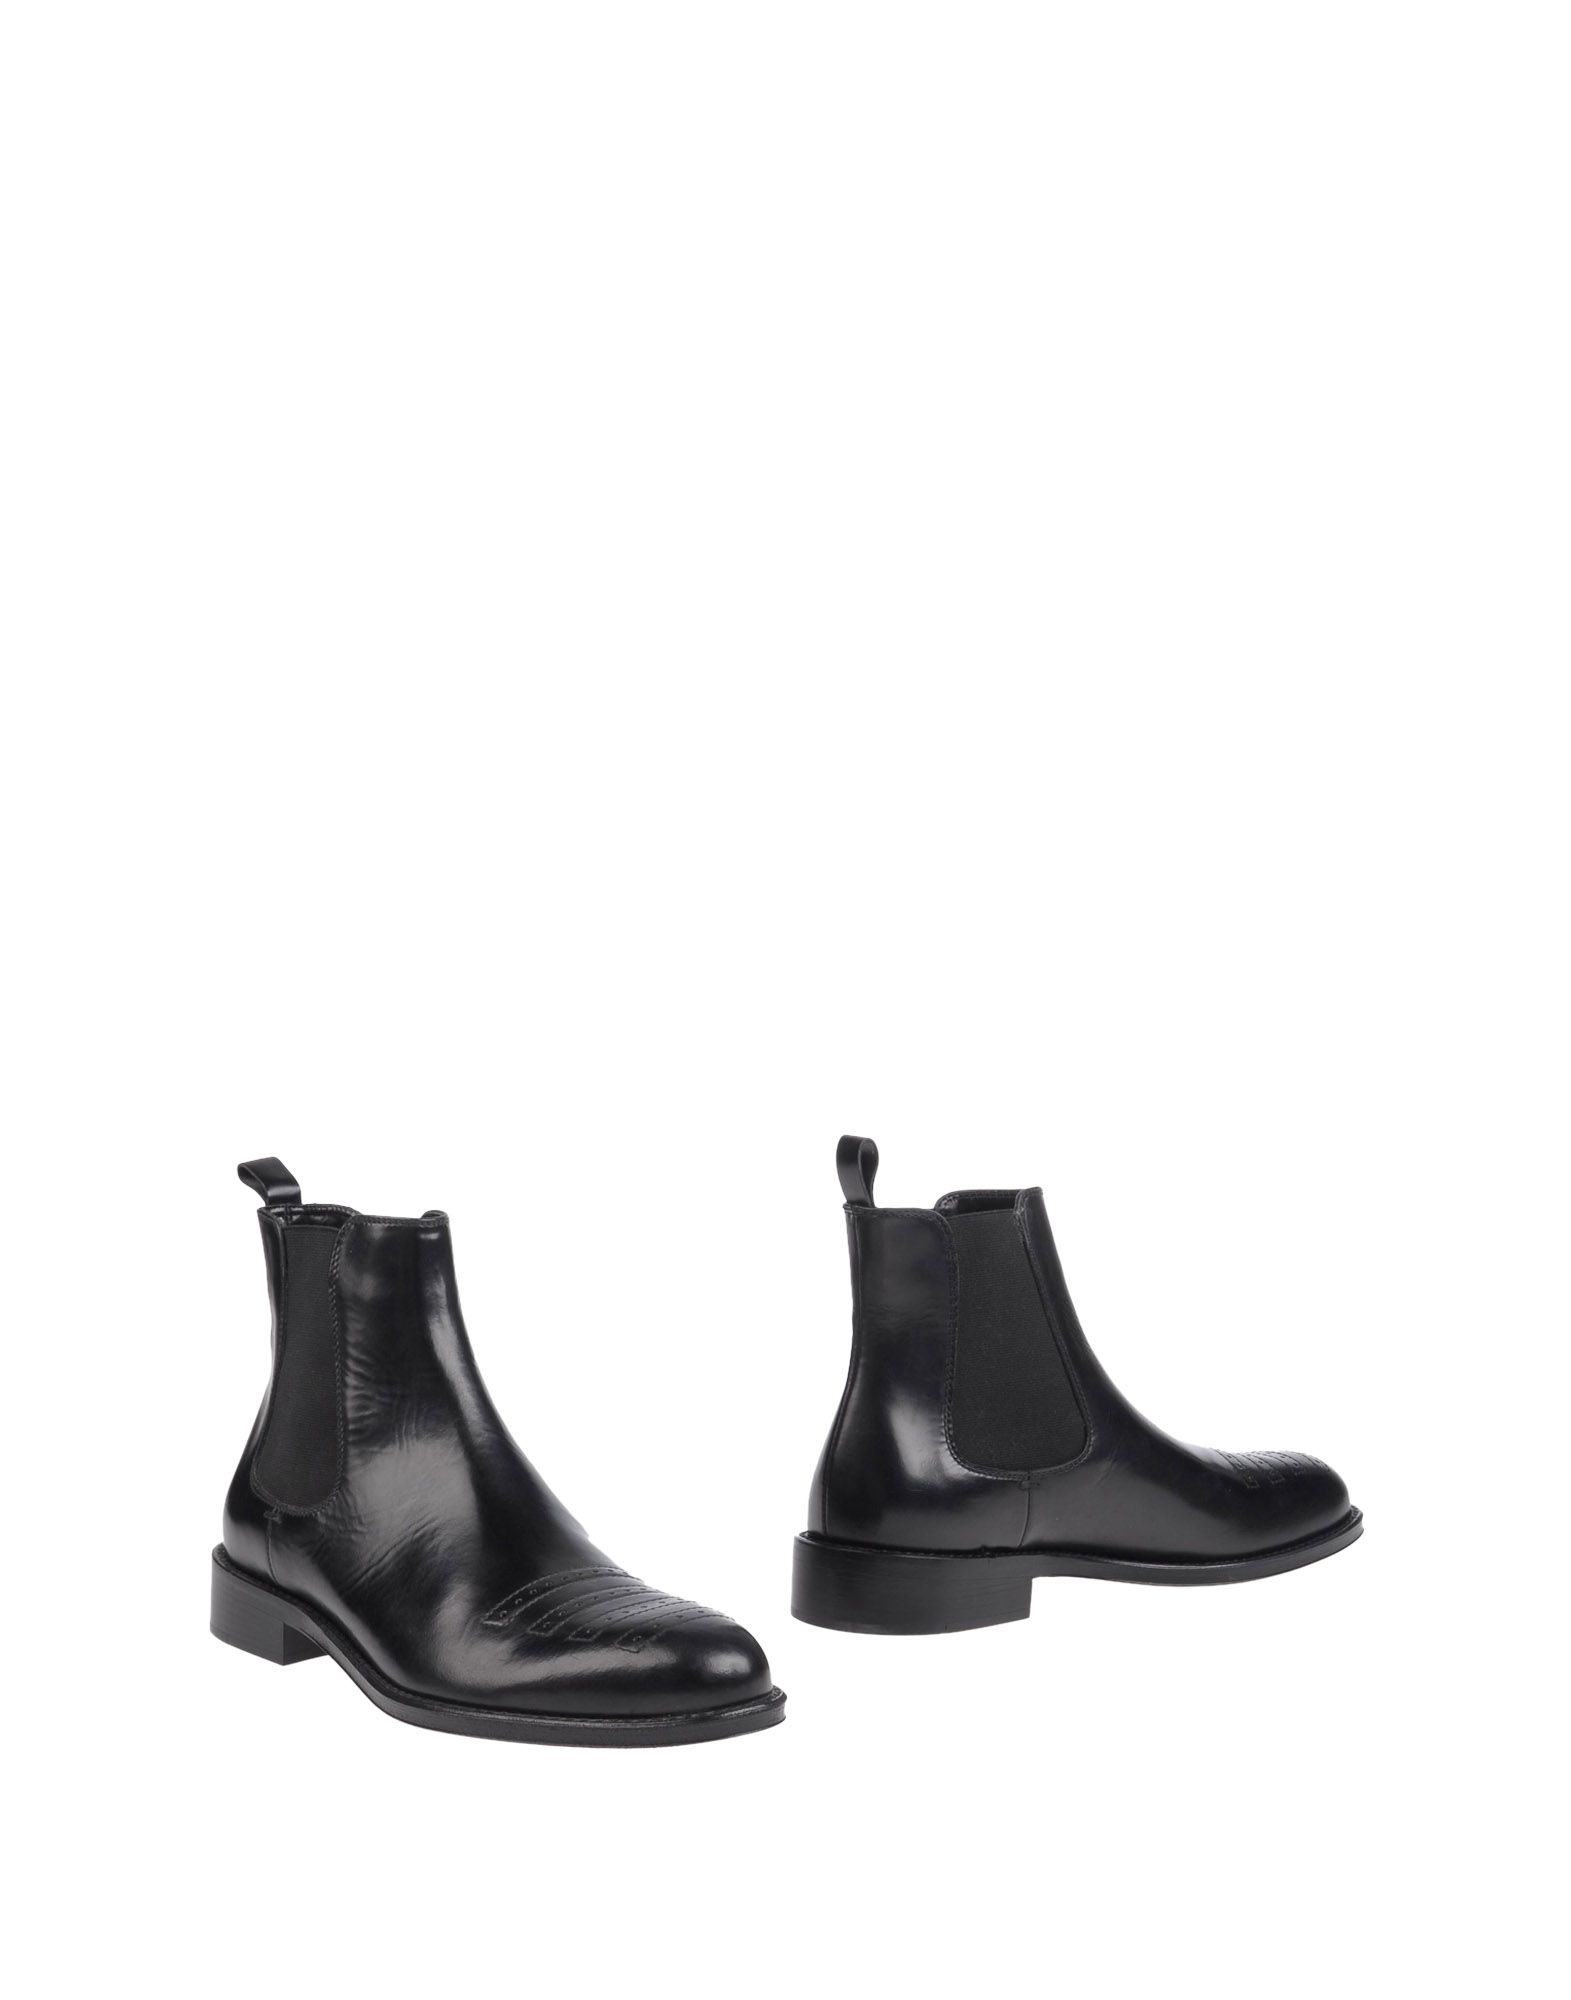 Jil Sander Stiefelette Herren  11195110CU Gute Qualität beliebte Schuhe